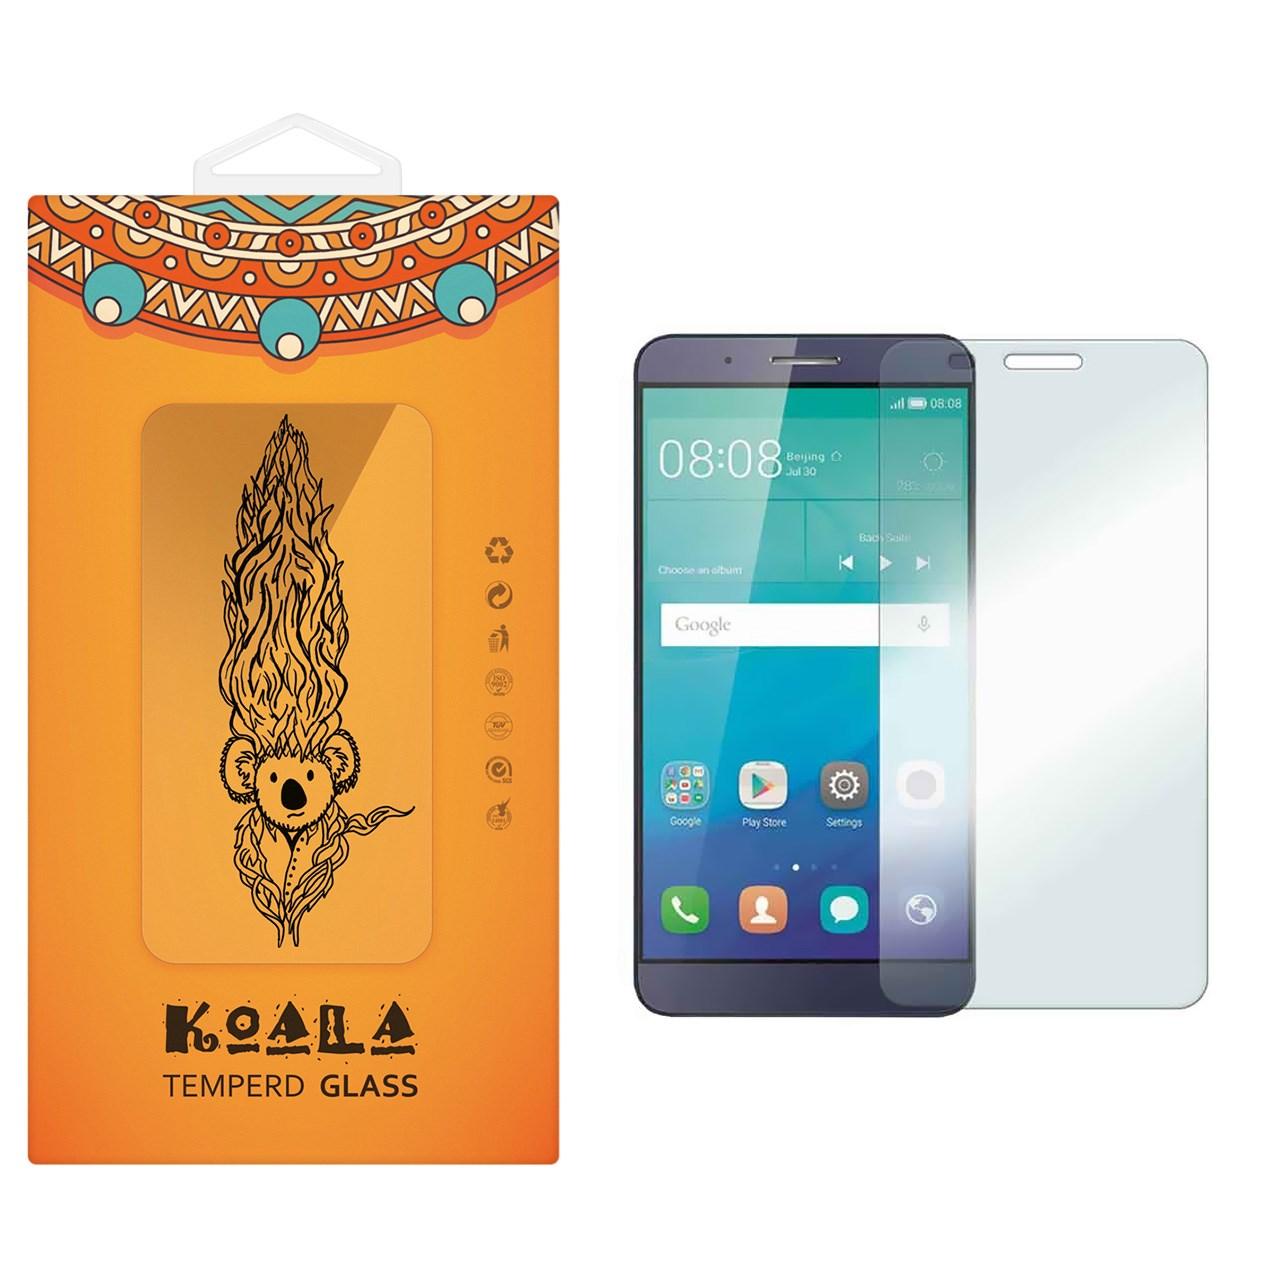 محافظ صفحه نمایش شیشه ای کوالا مدل Tempered مناسب برای گوشی موبایل هوآوی Honor 7i/ Shotx